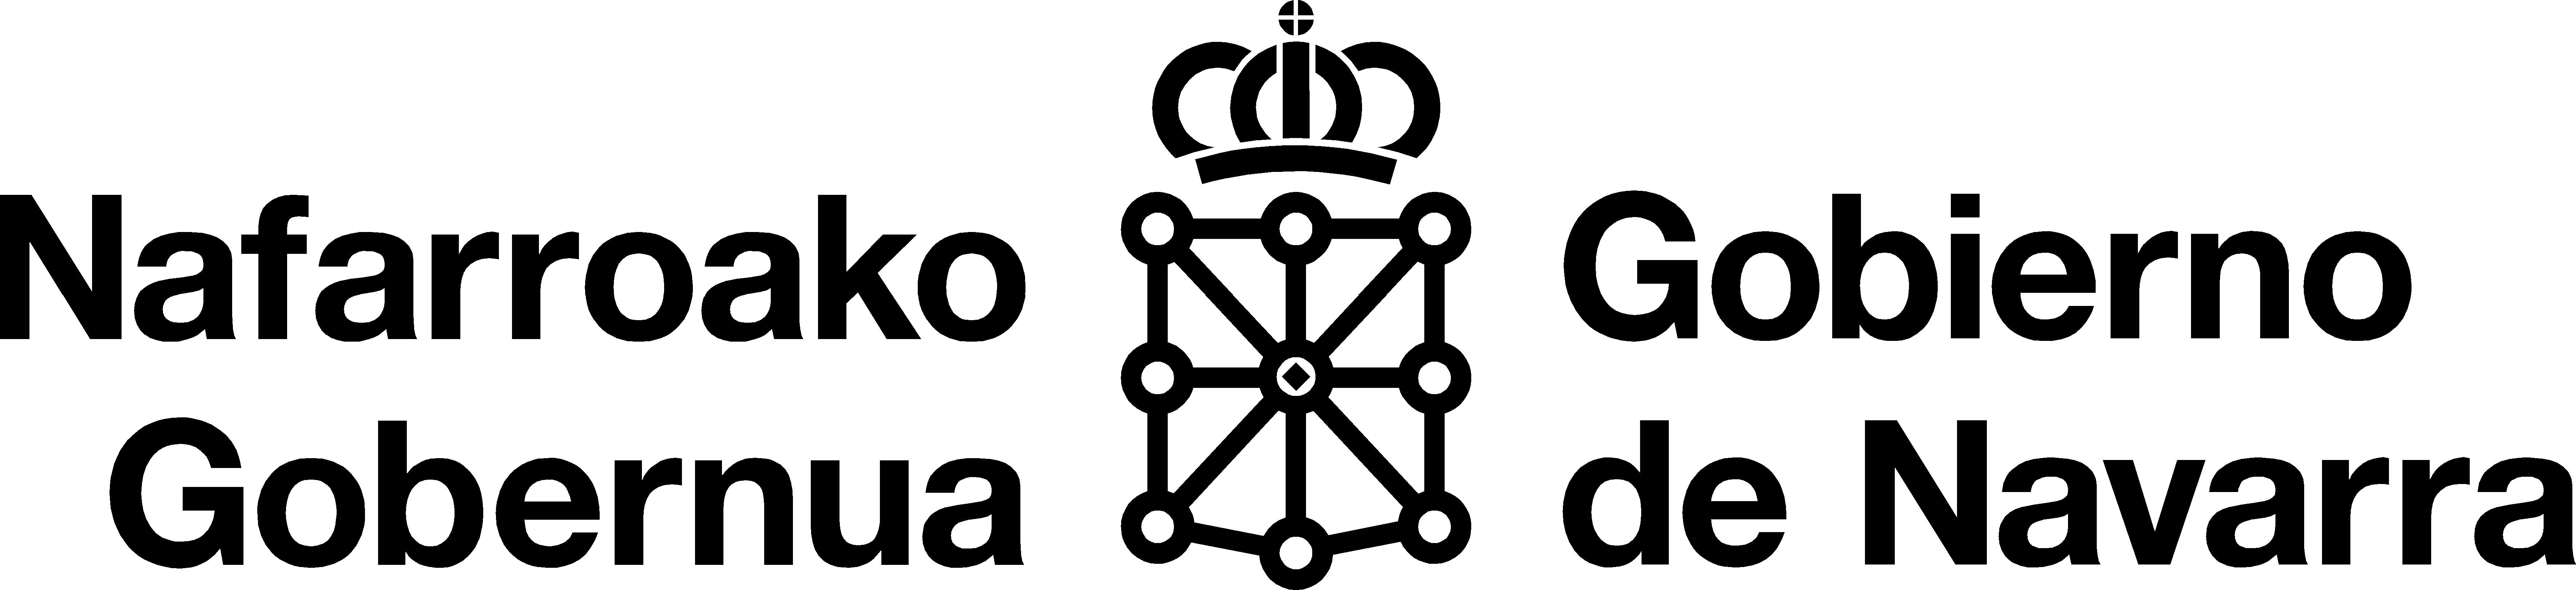 Nafarroako Gobernua